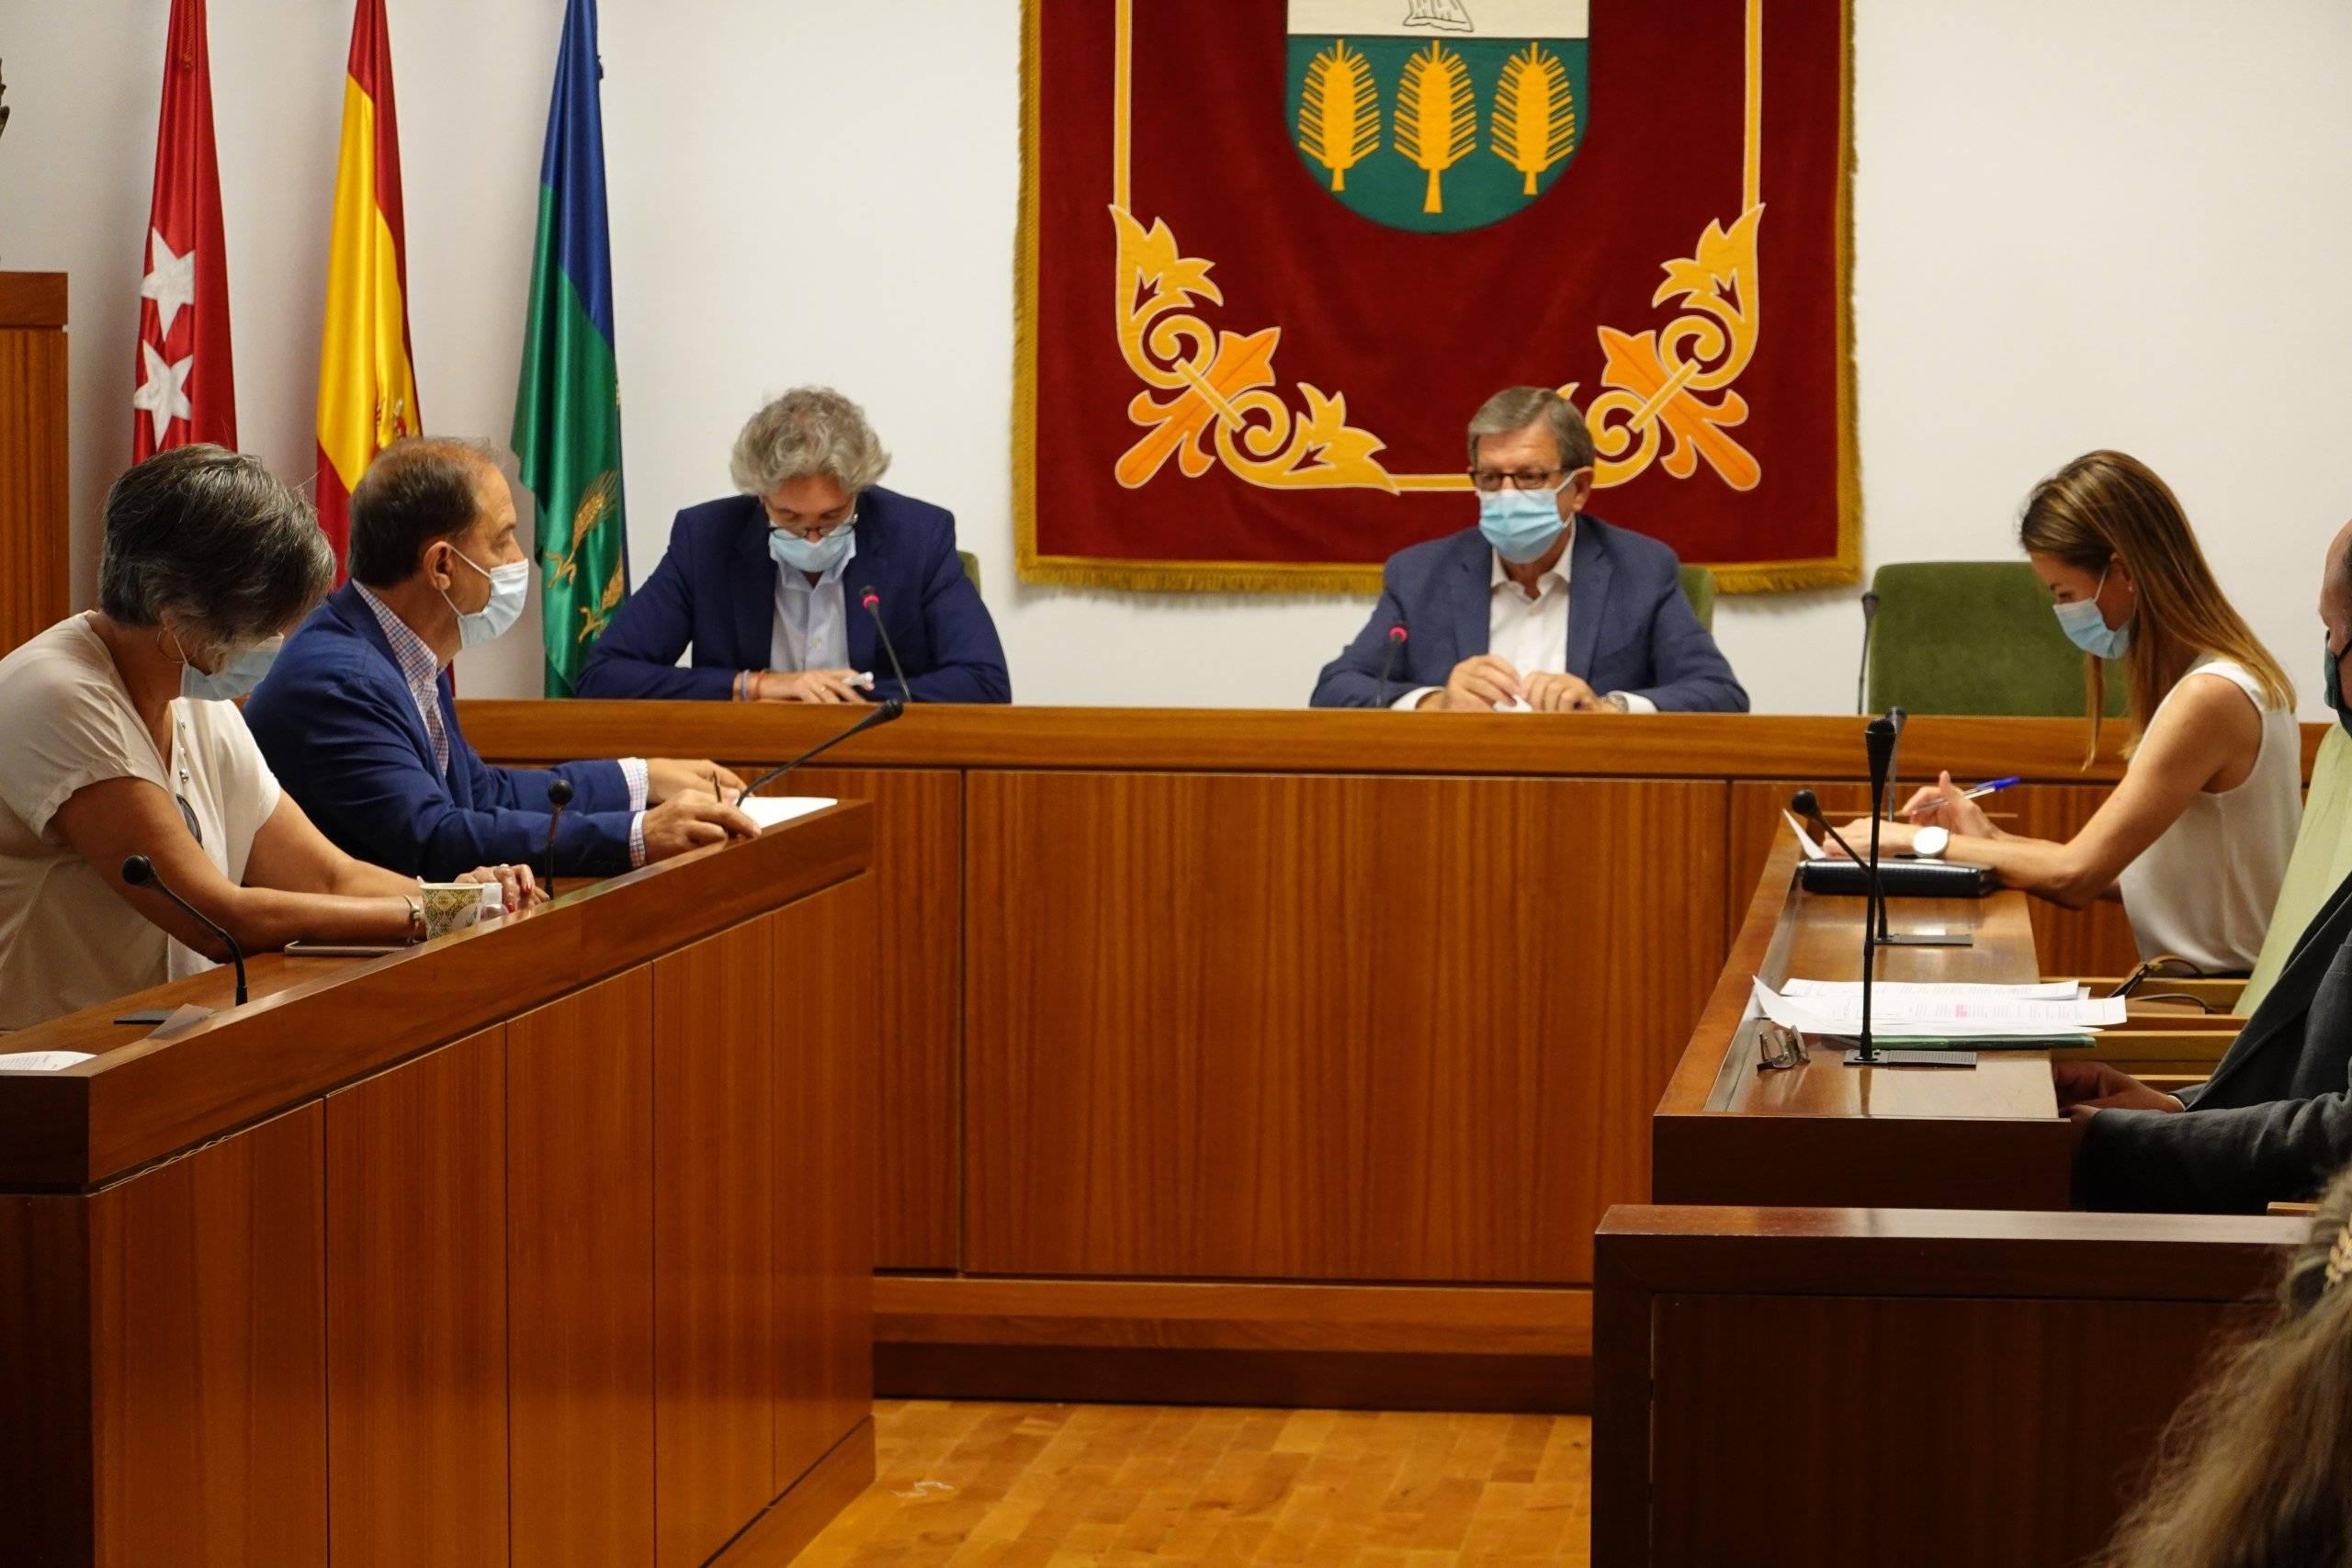 El alcalde, Luis Partida, junto al secretario y miembros de la Corporación Municipal.